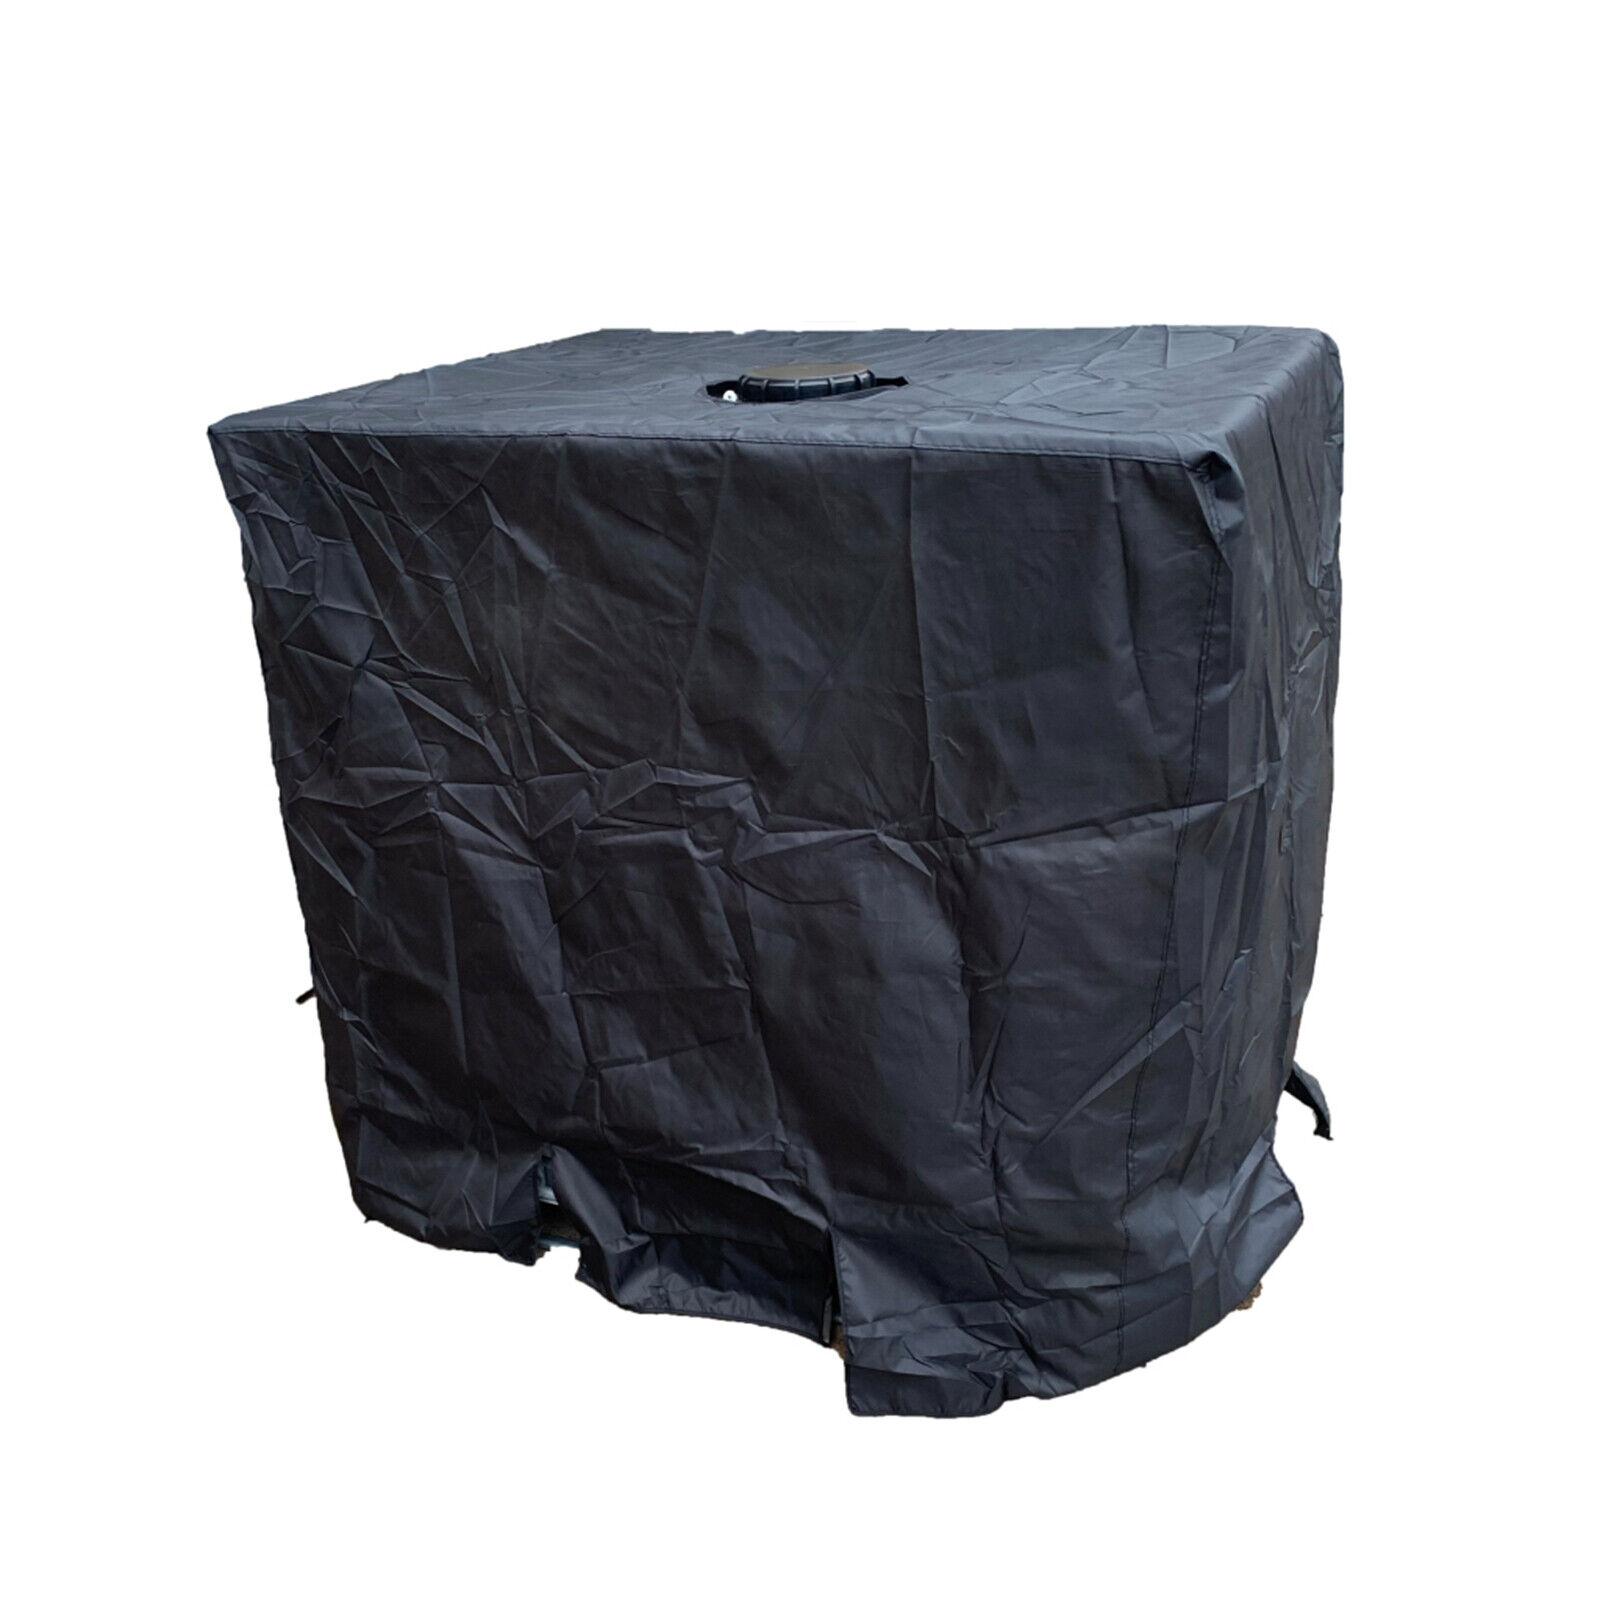 Ton Barrel Cover Rain Barrels 210D Oxford Cloth Silver-Coated Anti-Dust